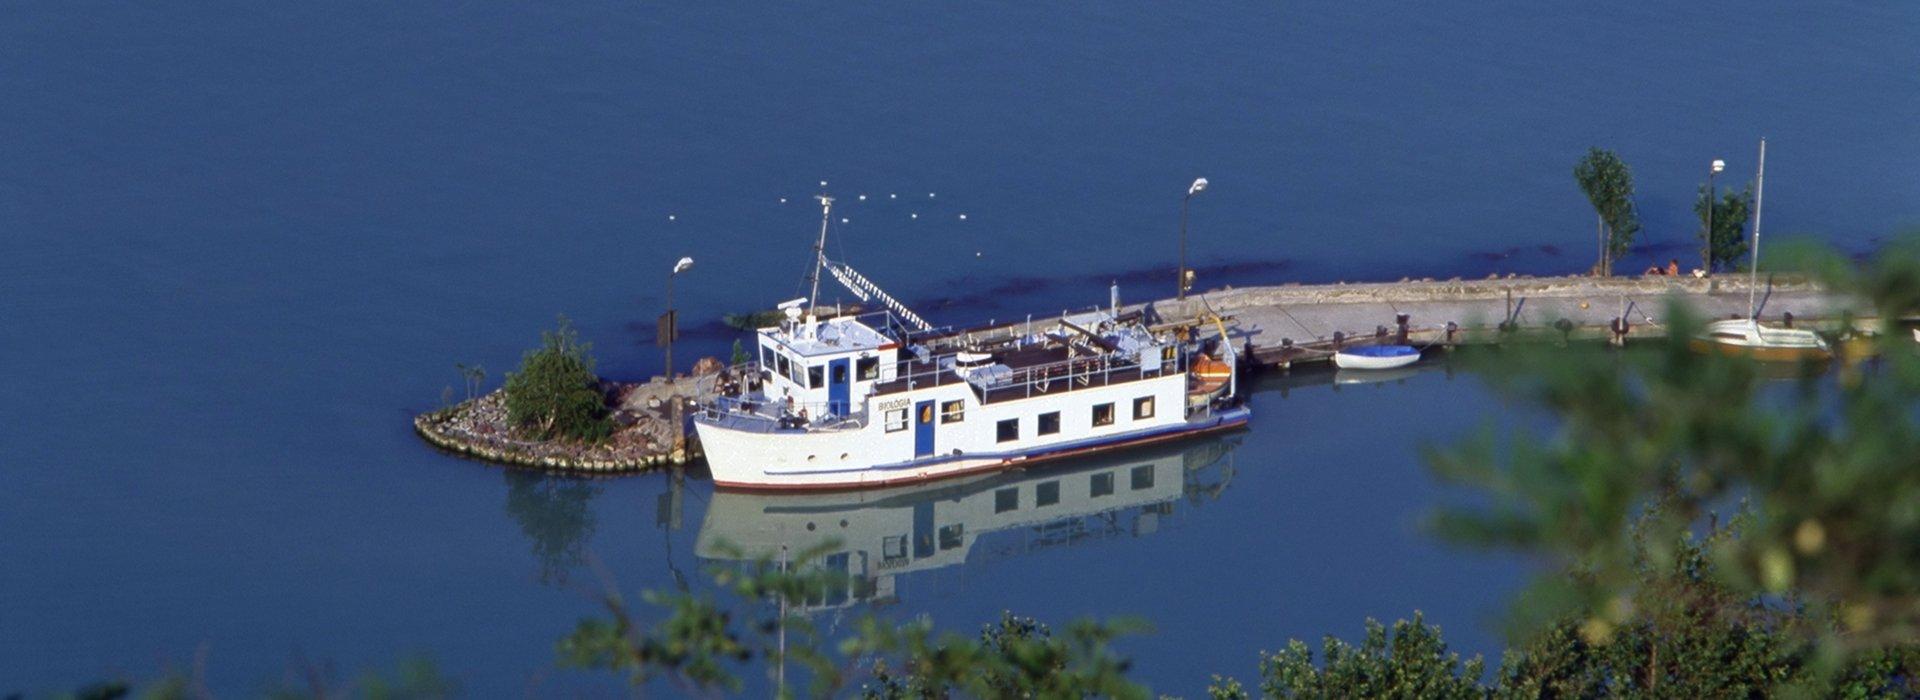 Vízi turizmus Balaton – Vitorlázás Balaton – Balatoni Hajózás